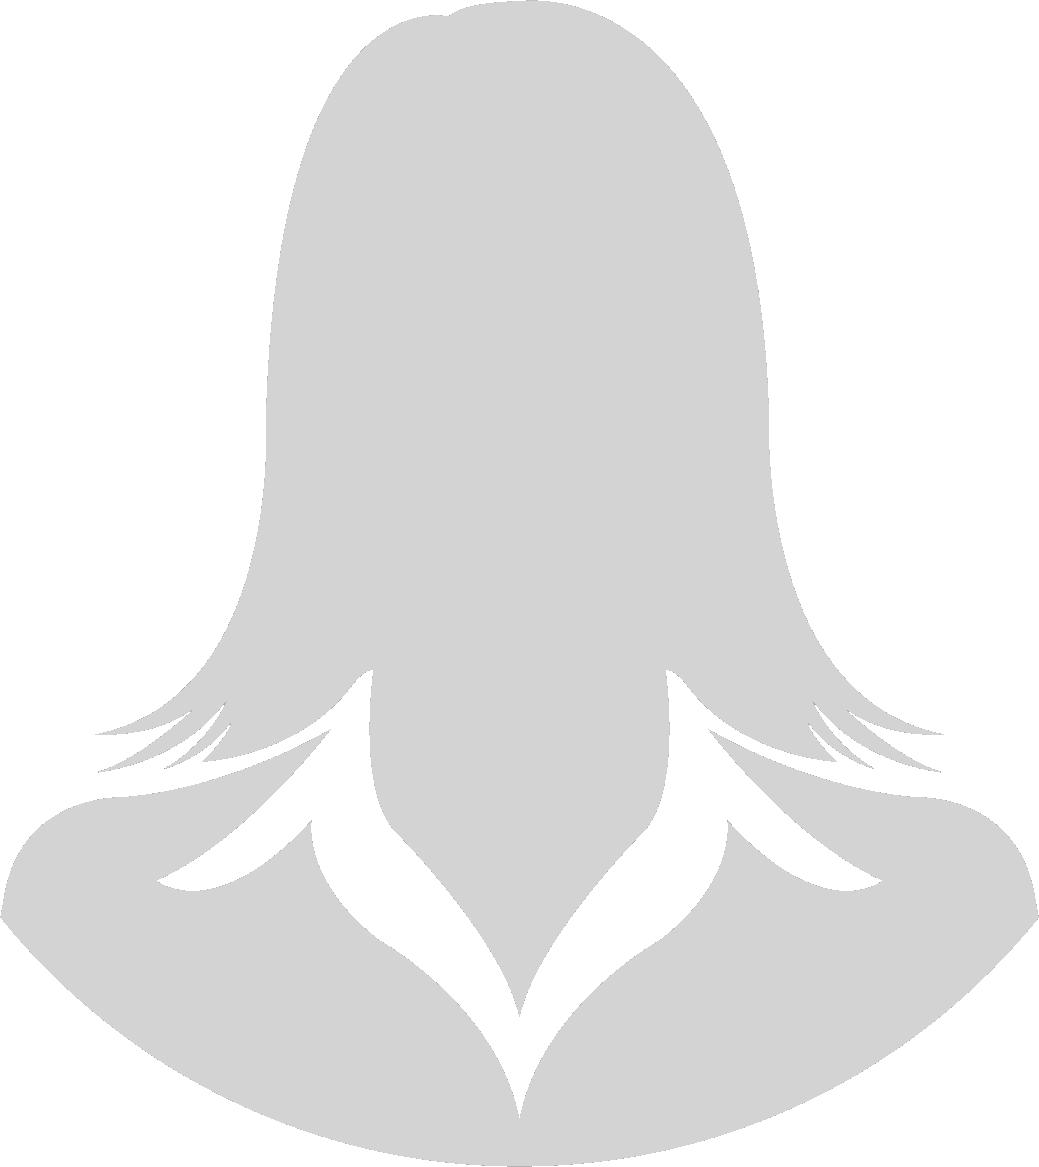 Neoskin Center Team Member